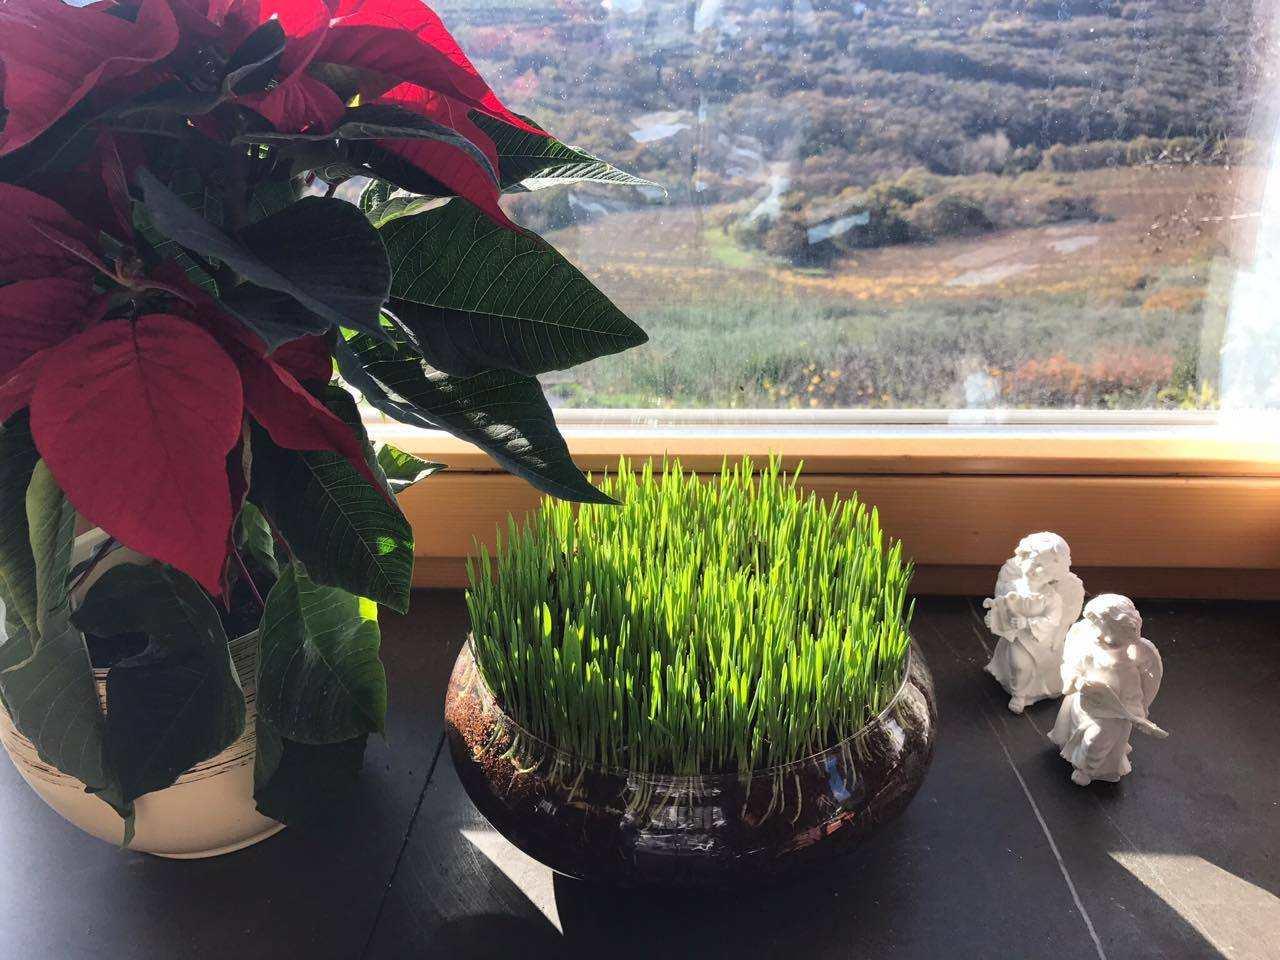 Sejanje božičnega žita